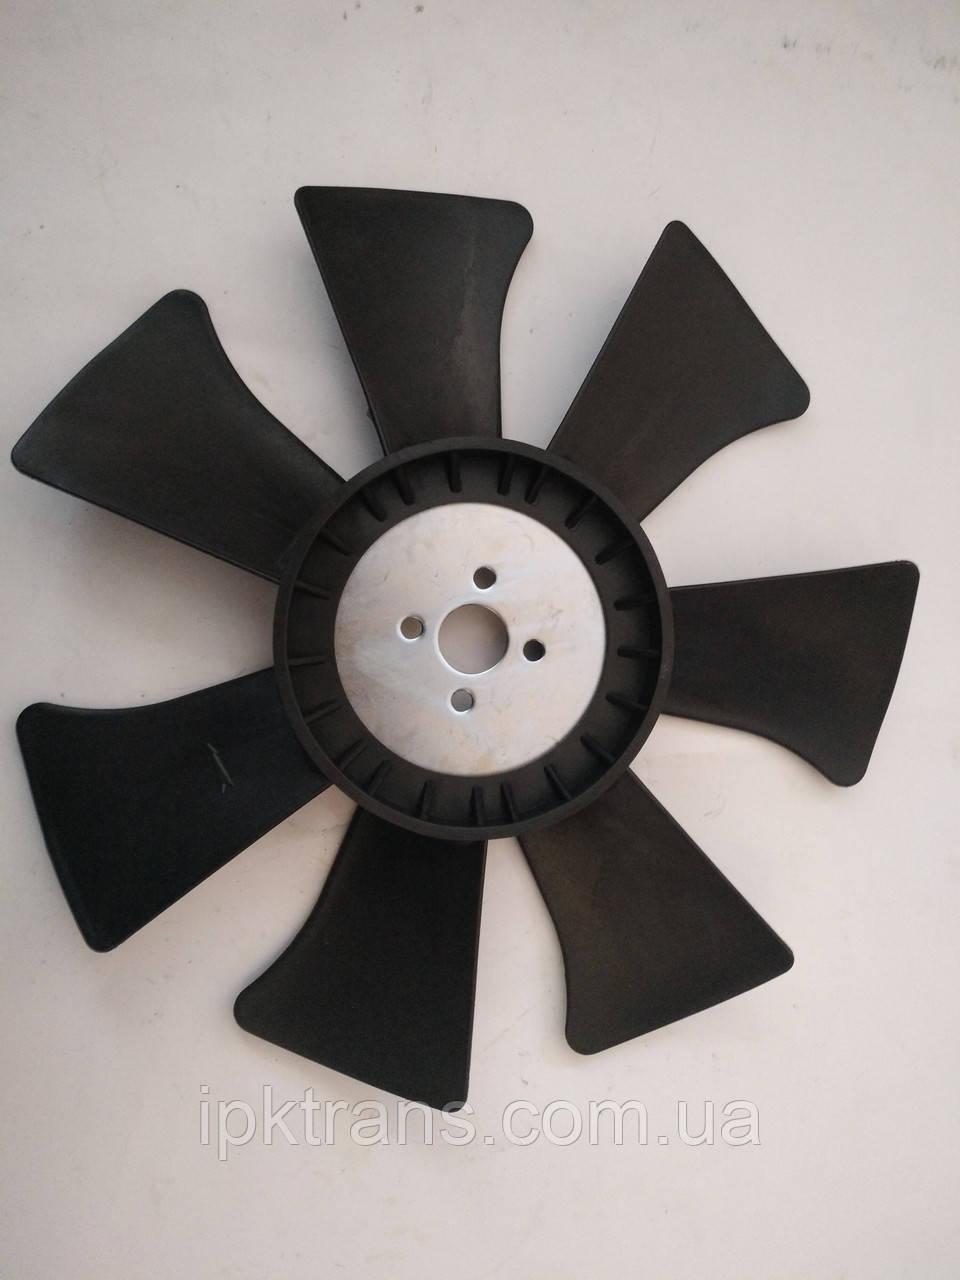 Крыльчатка двигателя Xinchai 490BPG  (490B411001)